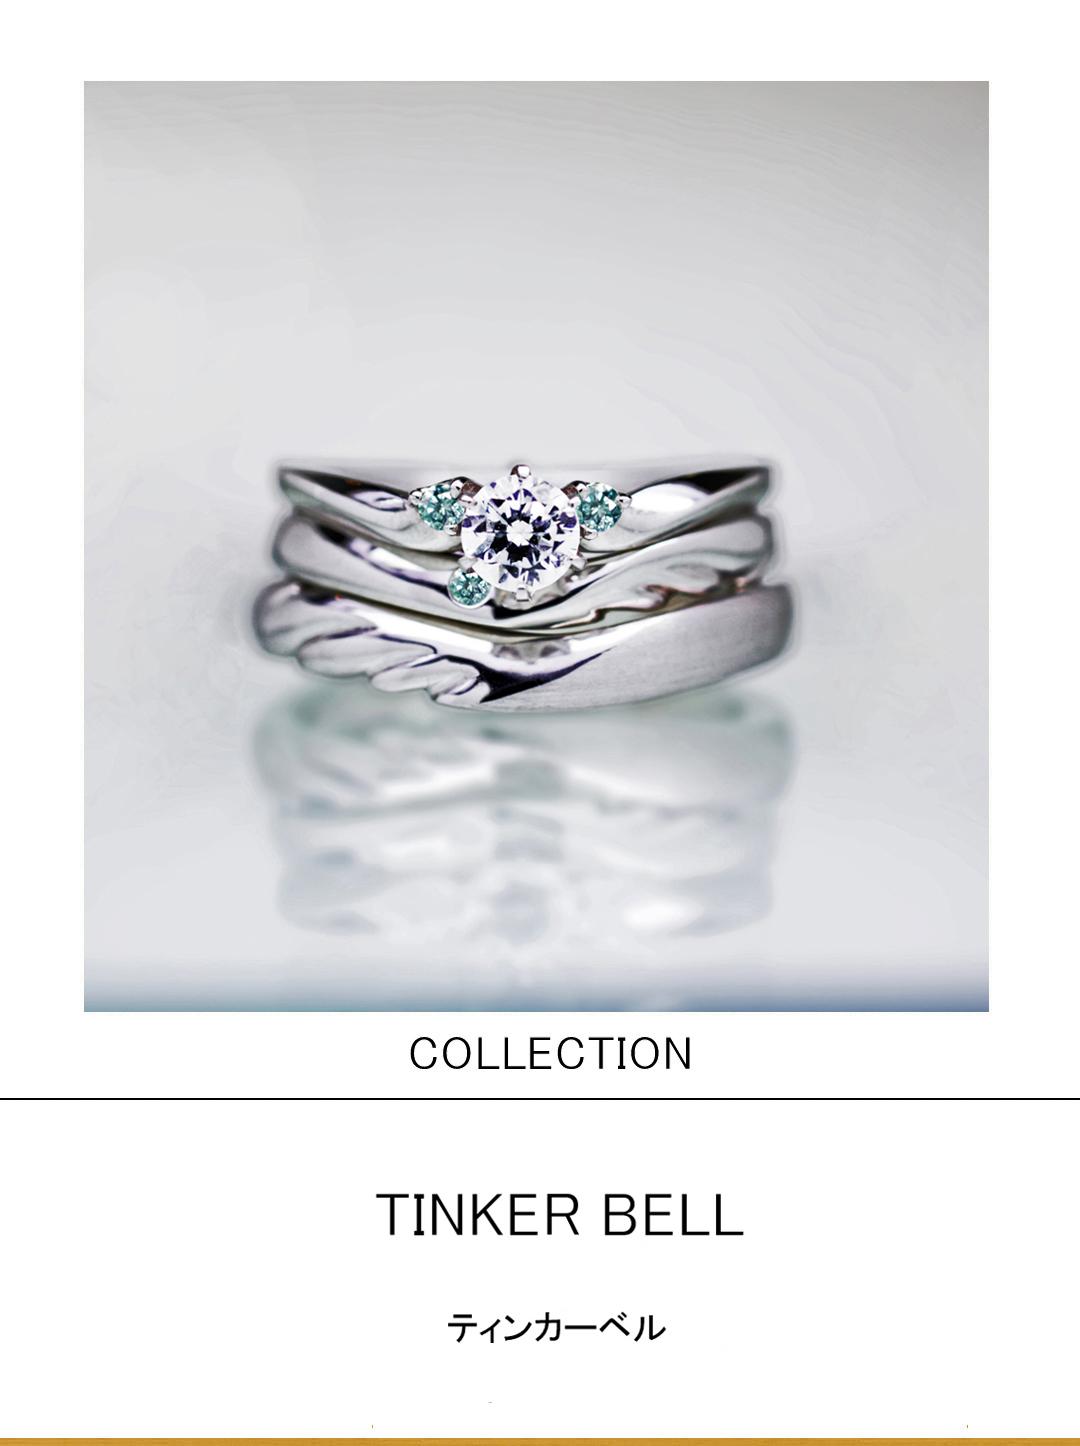 天使の羽にブルーダイヤをデザインした結婚指輪&婚約指輪のセットのサムネイル